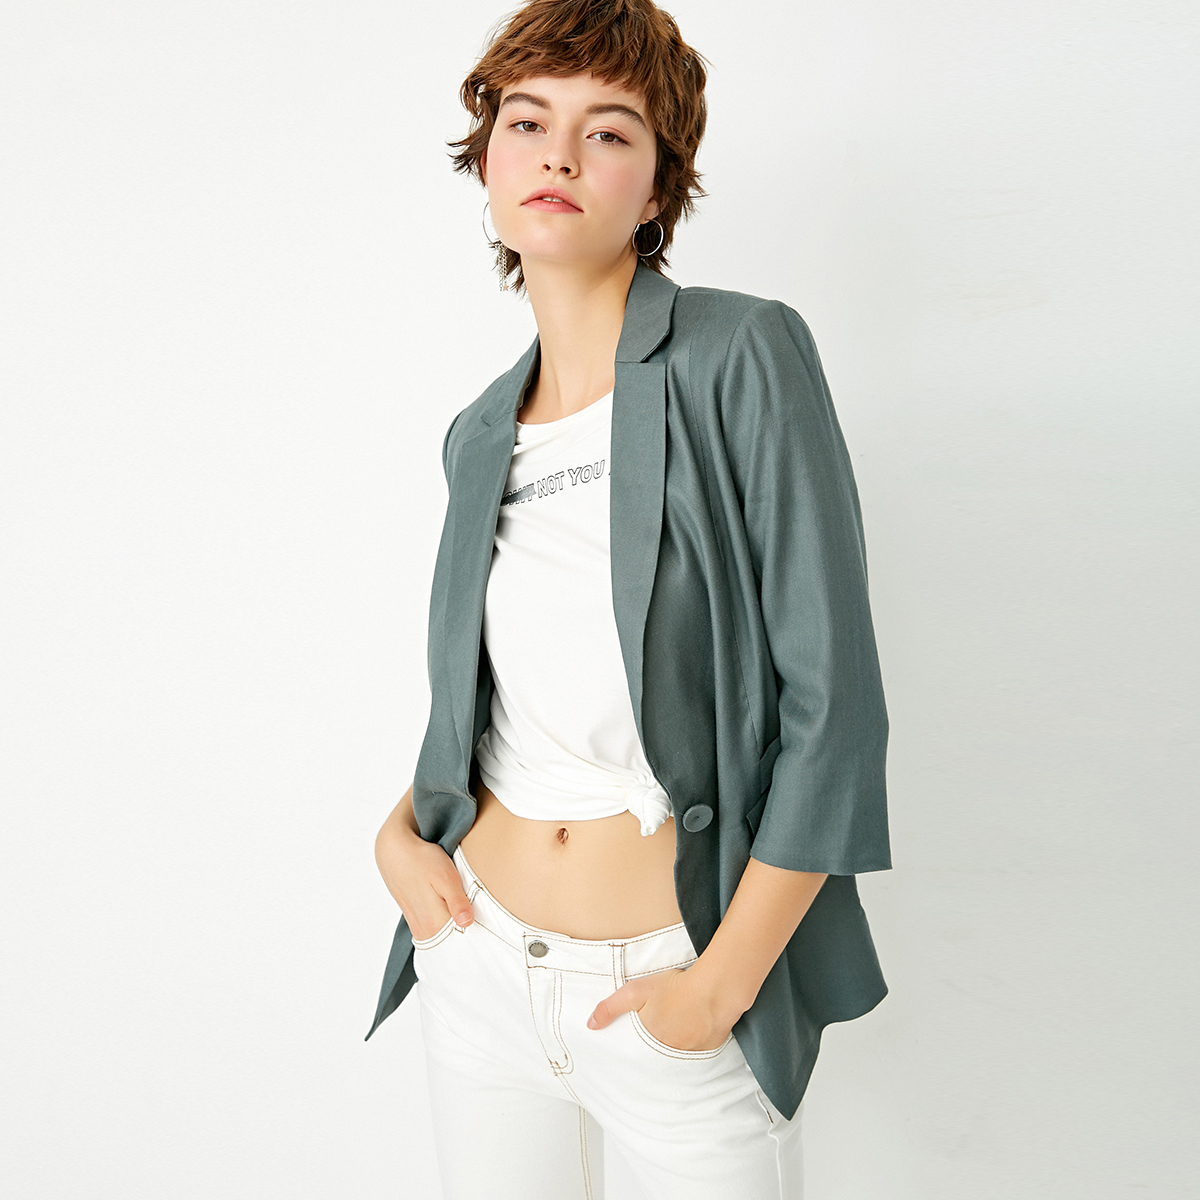 CHỈ mới bảy điểm tay áo mỏng phù hợp với nữ thường phù hợp với | 117308506